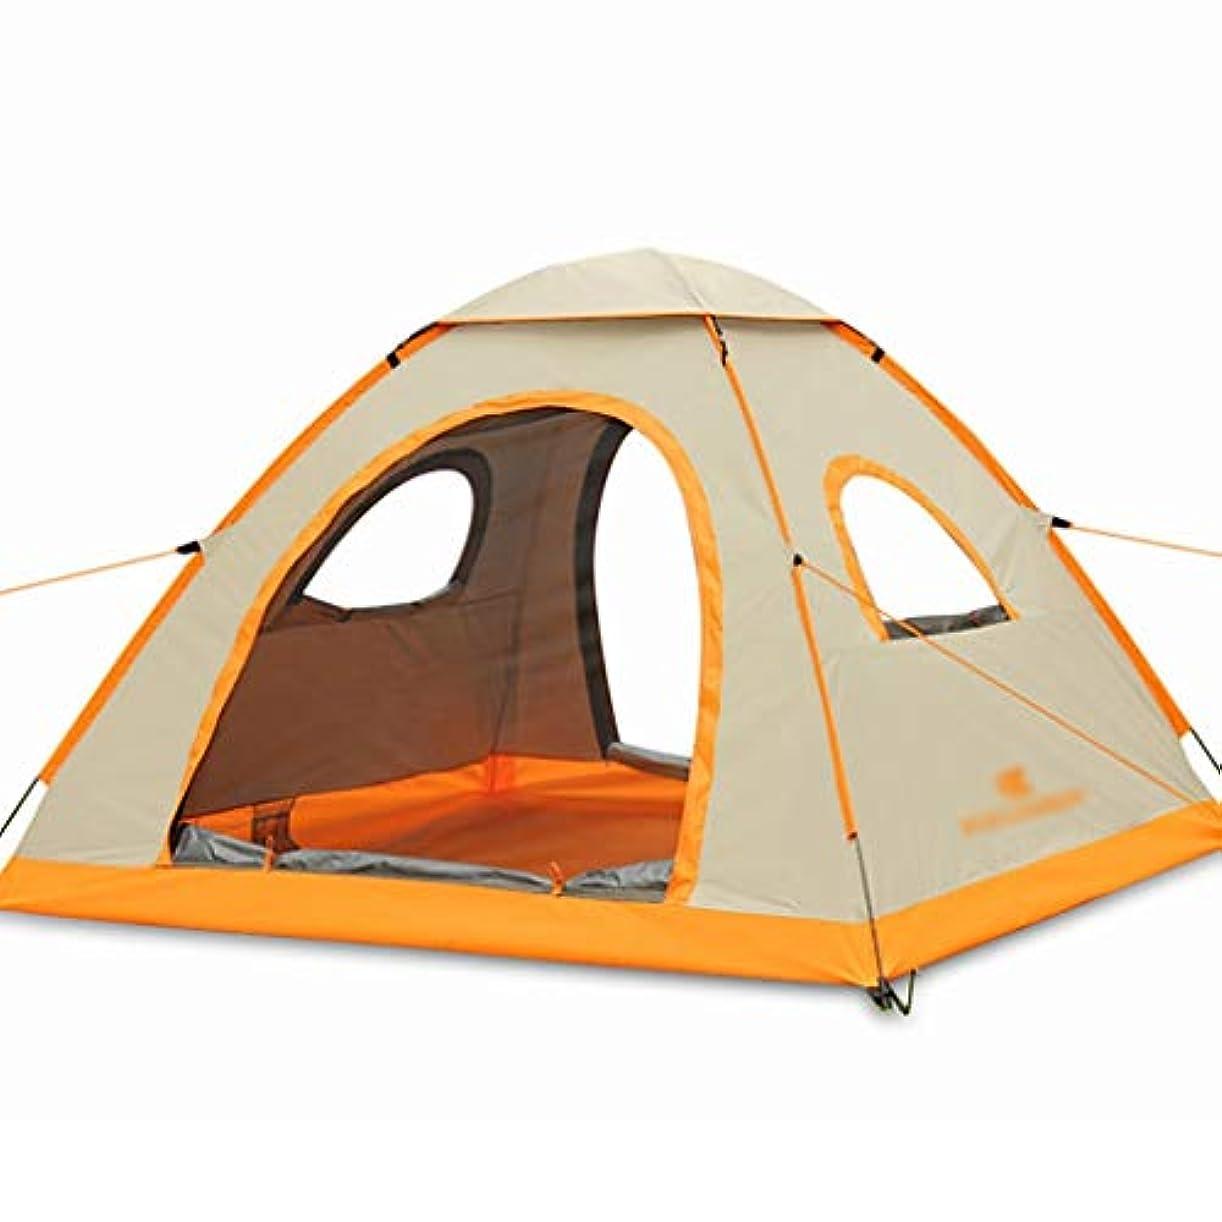 利益放散する操縦する1秒速オープン厚い 防雨自動テント屋外3-4人キャンプキャンプテント大きなスペース防風防雨